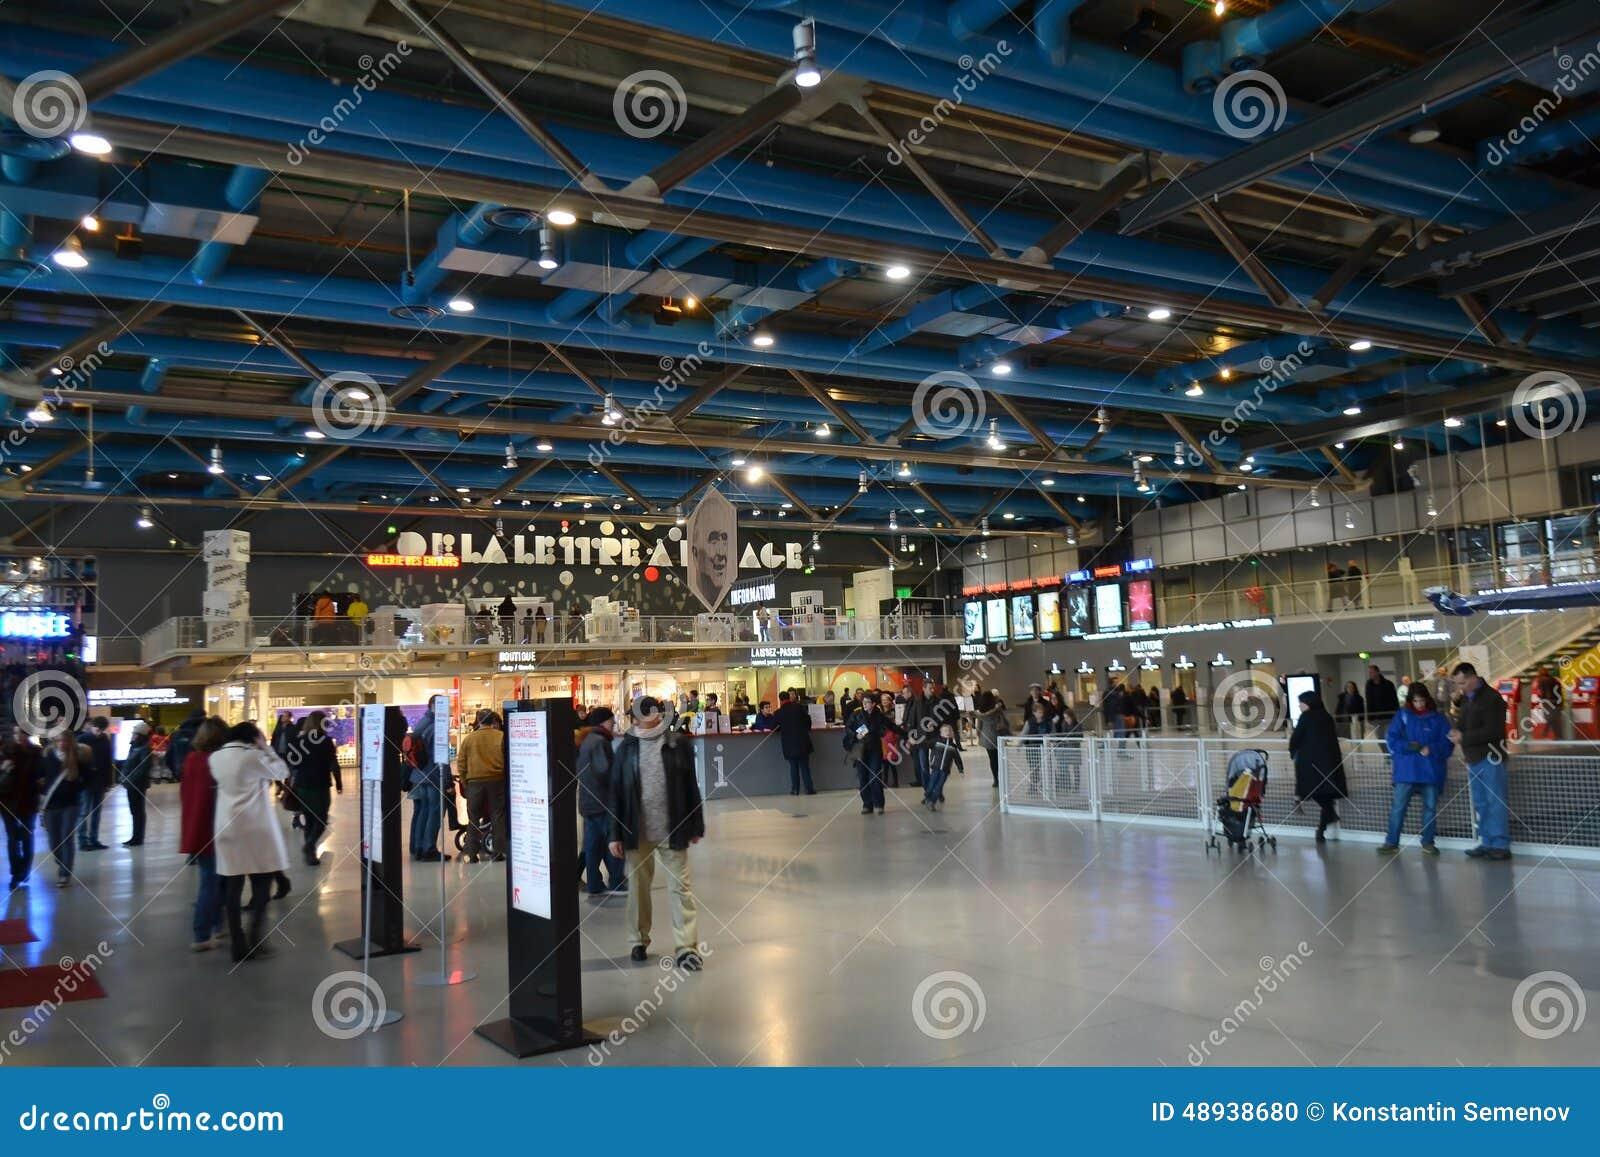 Centre pompidou int rieur paris image ditorial image for Interieur forum